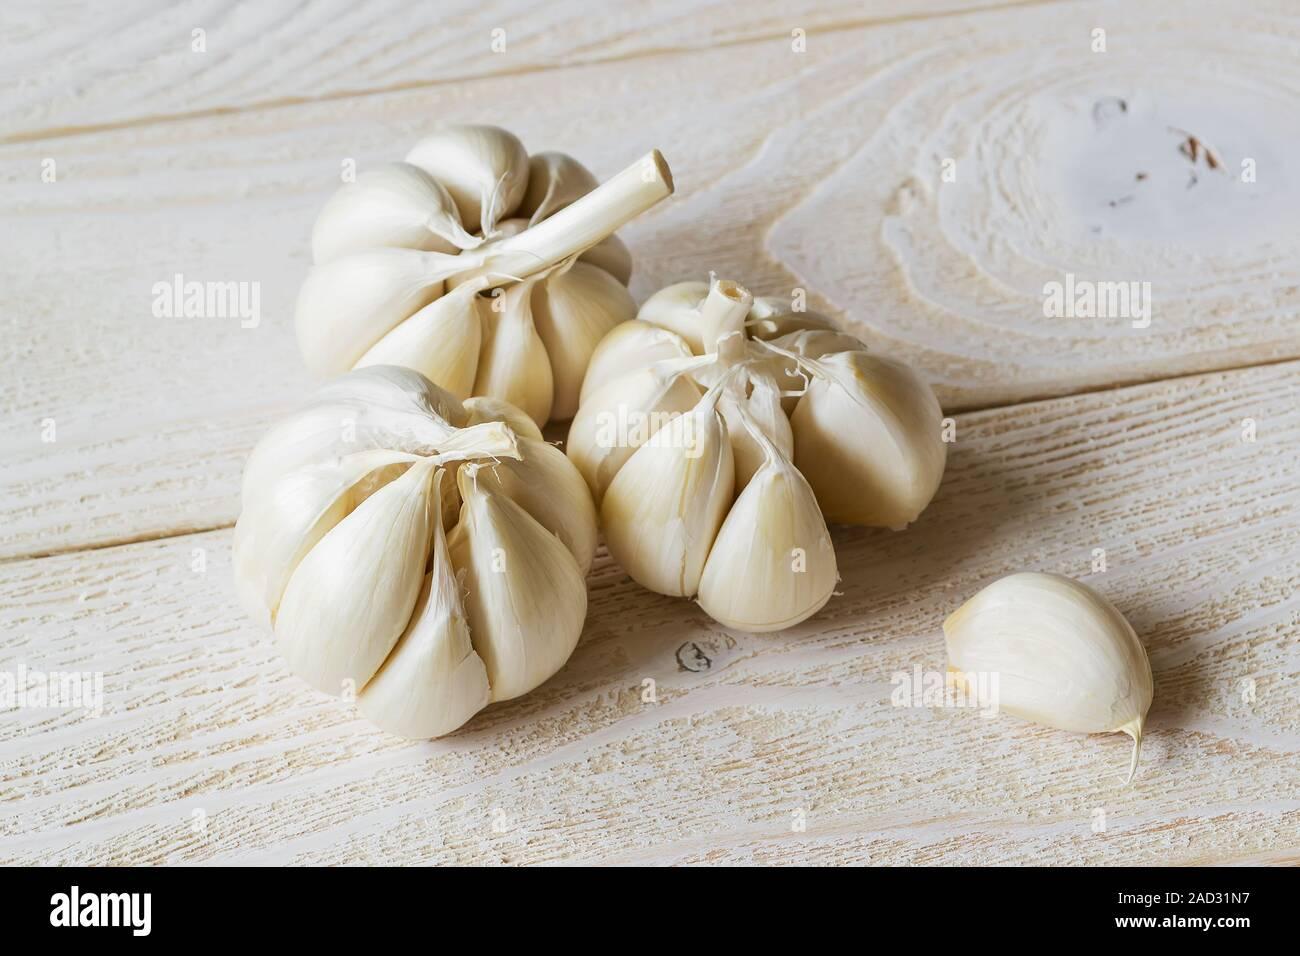 Drei Köpfe von rohem Knoblauch und eine Zehe auf einem weißen Holztisch. Würzig kochen Zutat. Vitamin gesunde Ernährung. Gemüse und Vegetarisch. Ansicht von oben. Stockfoto